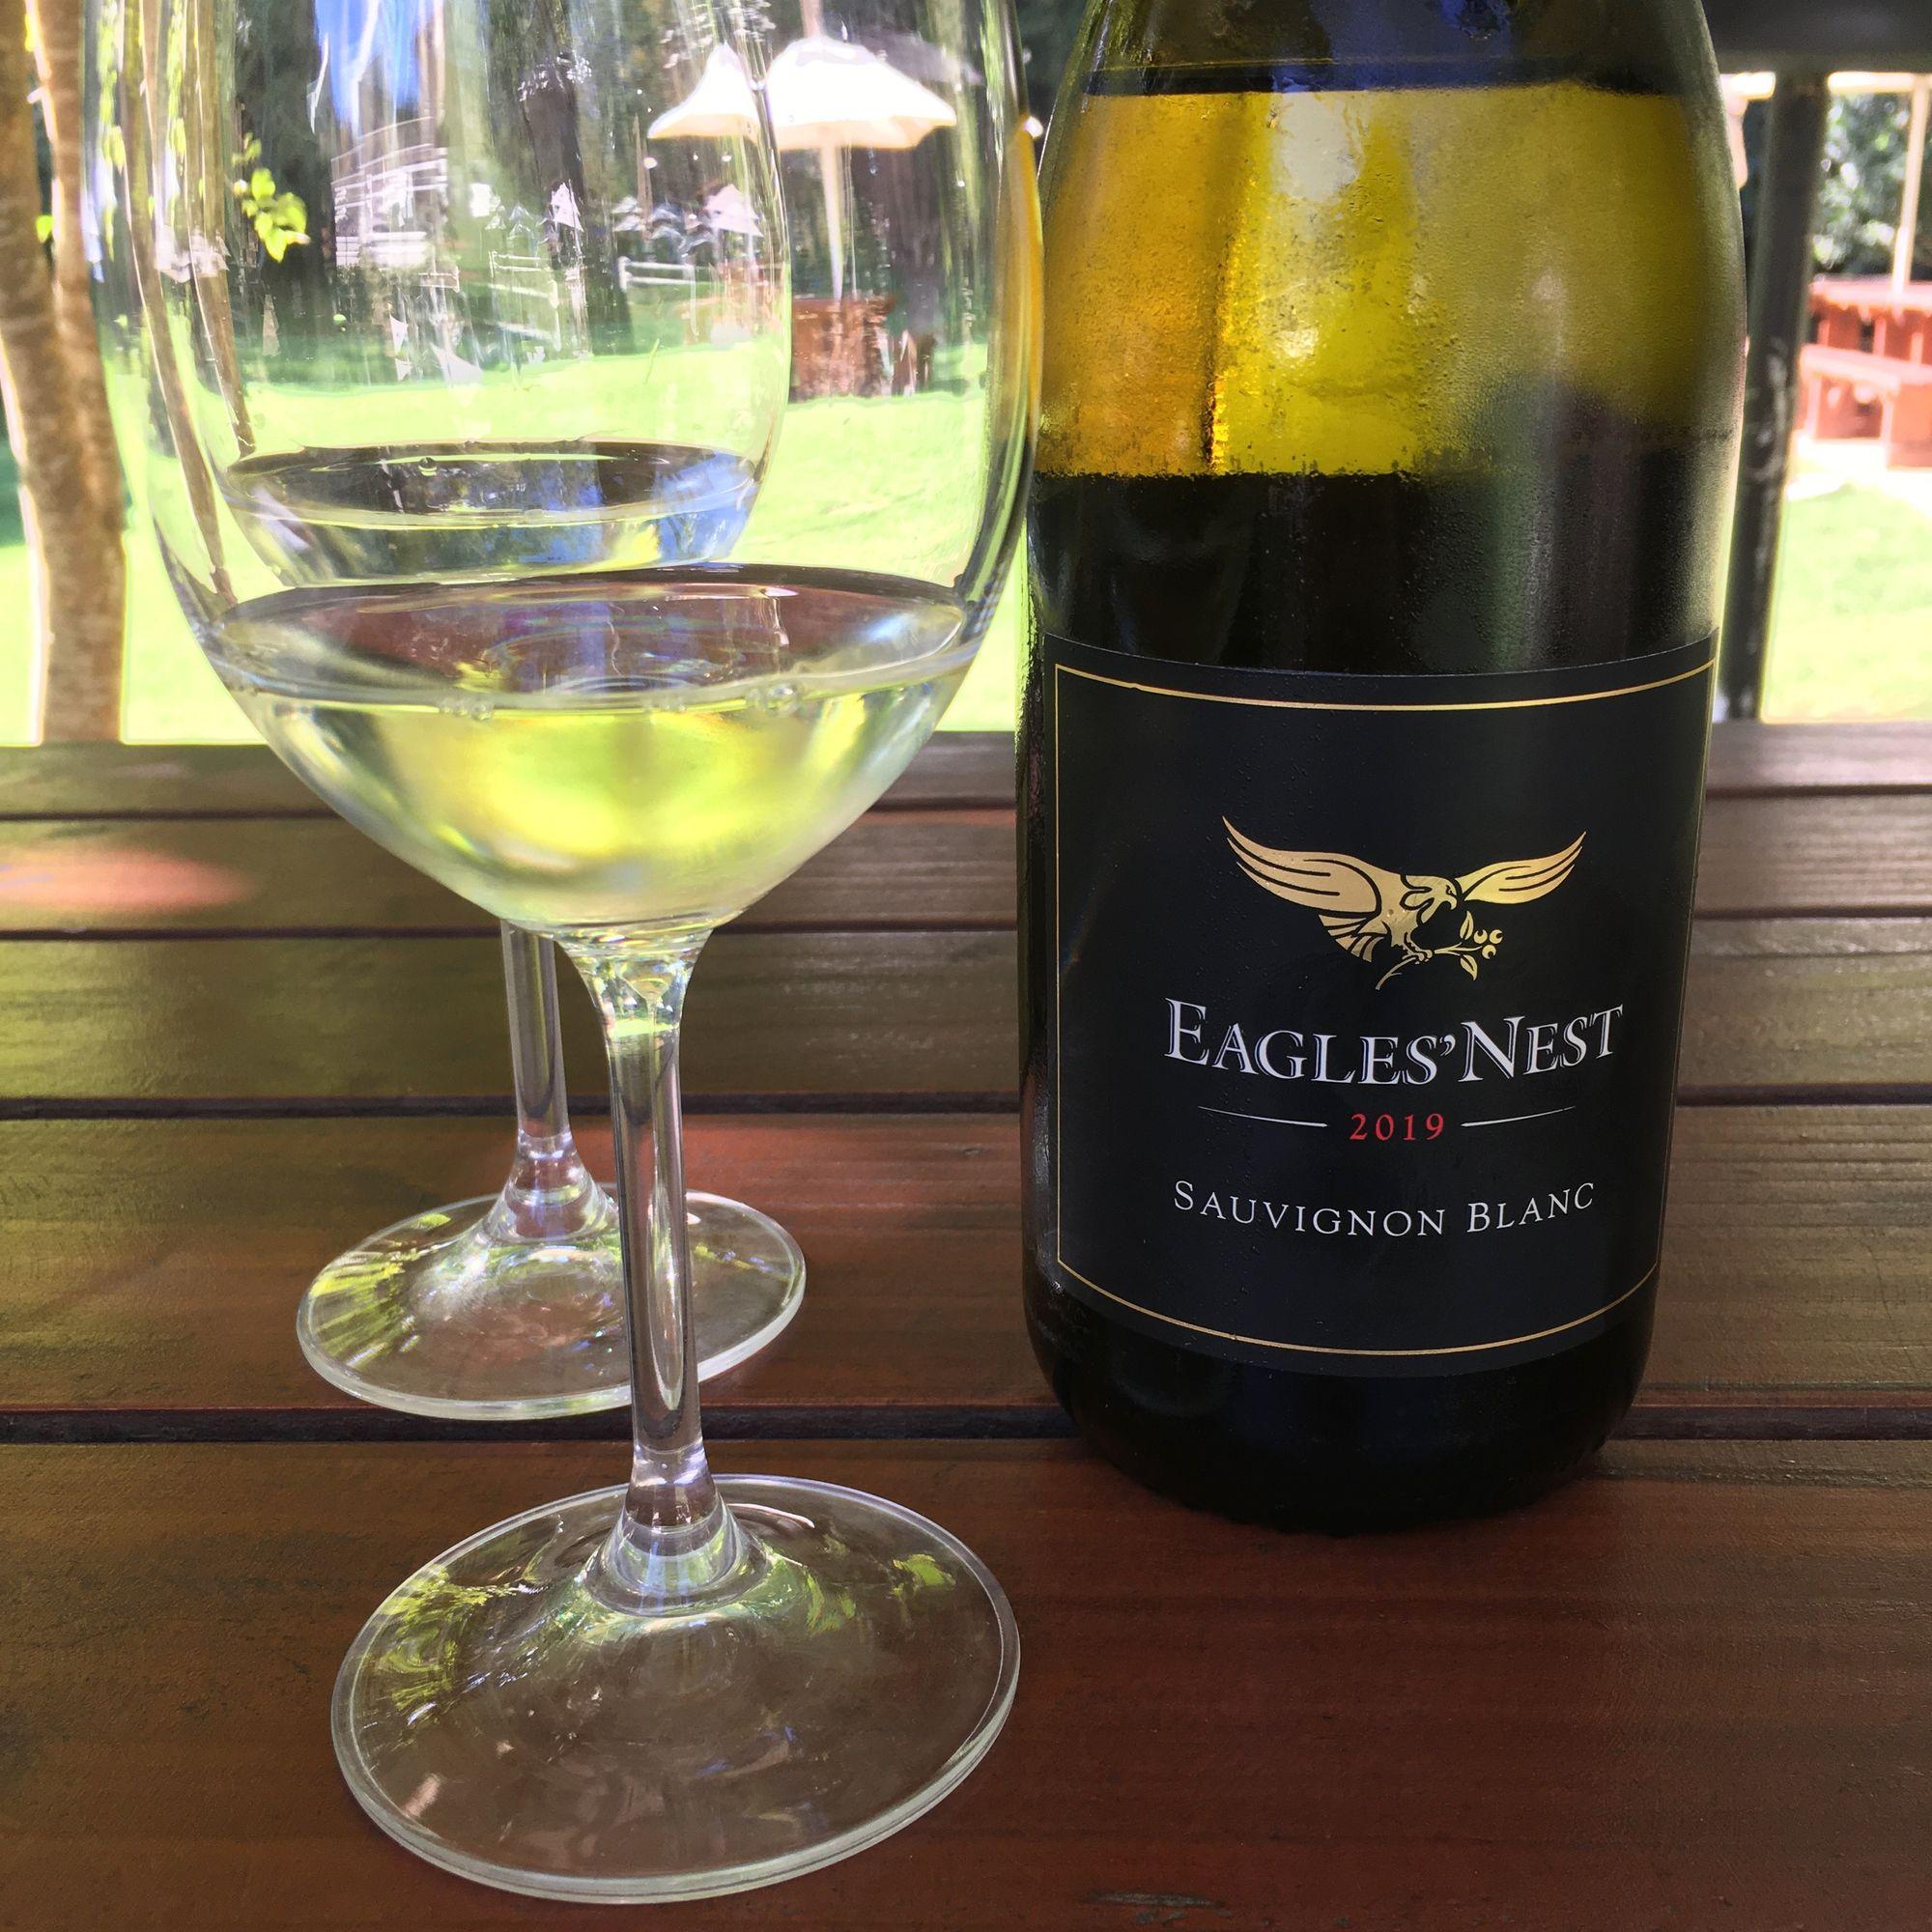 Eagles' Nest Sauvignon Blanc